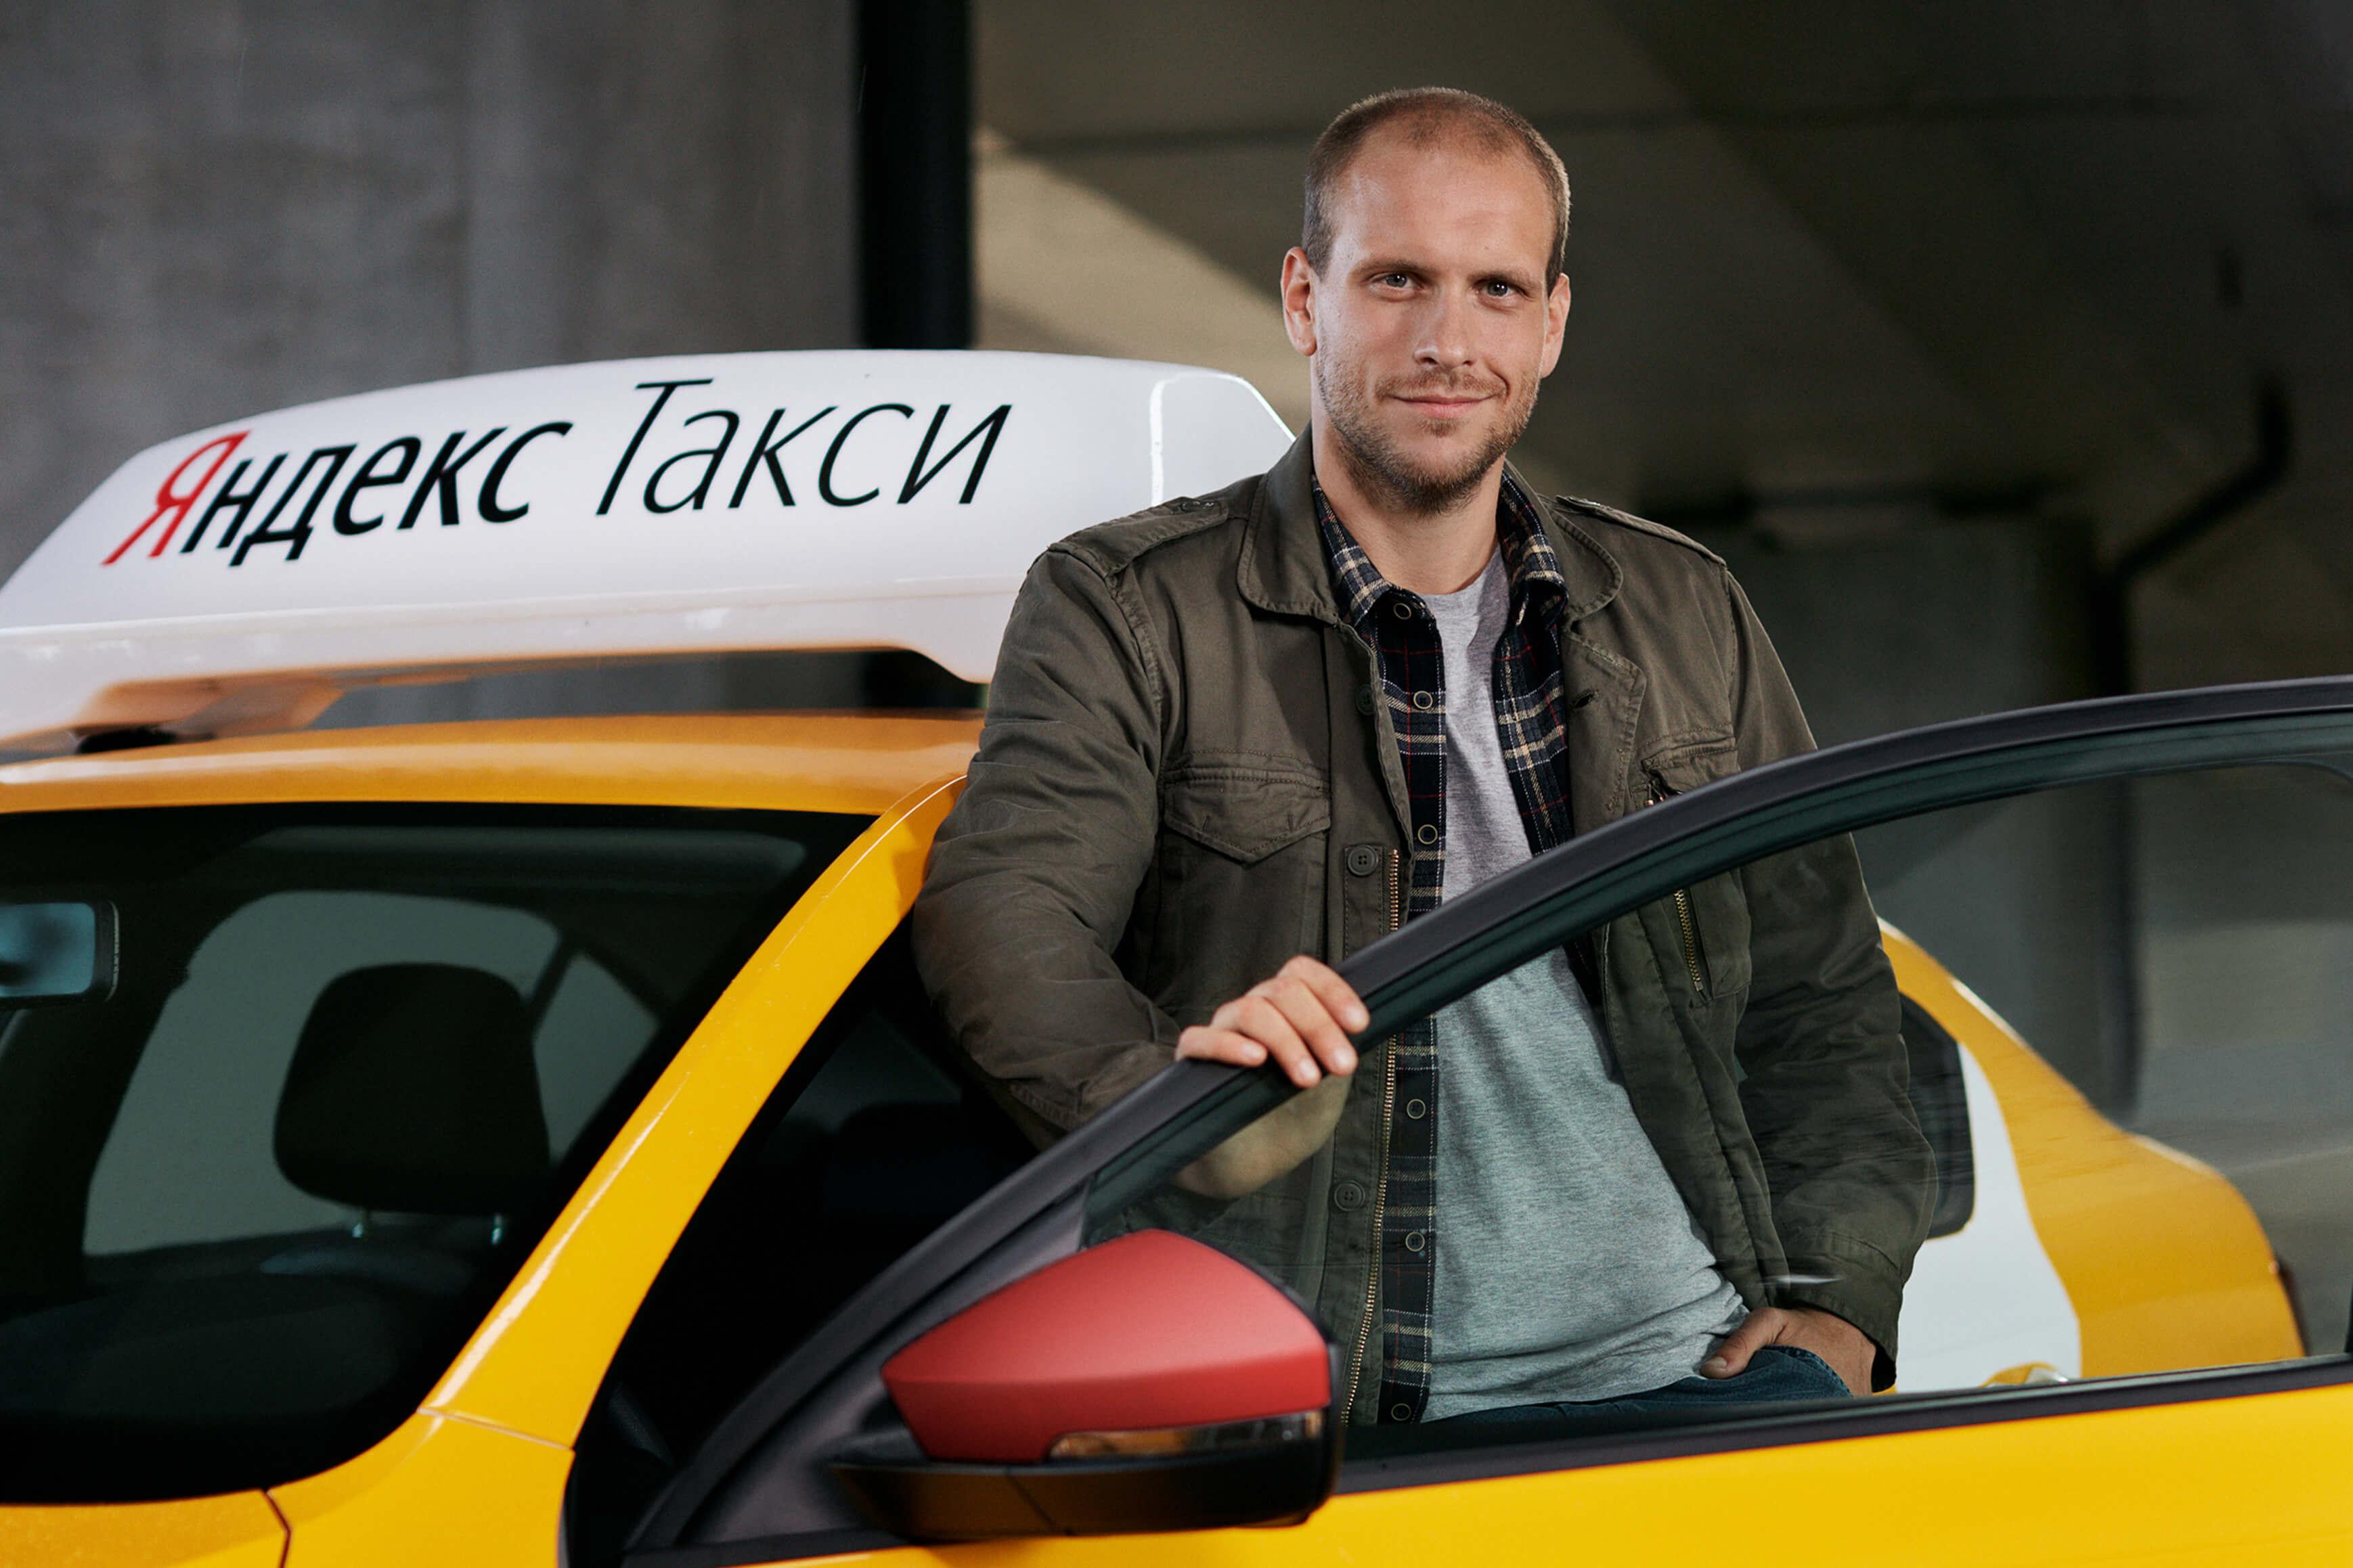 реферальная программа официального партнера Яндекс.Такси АВТО24